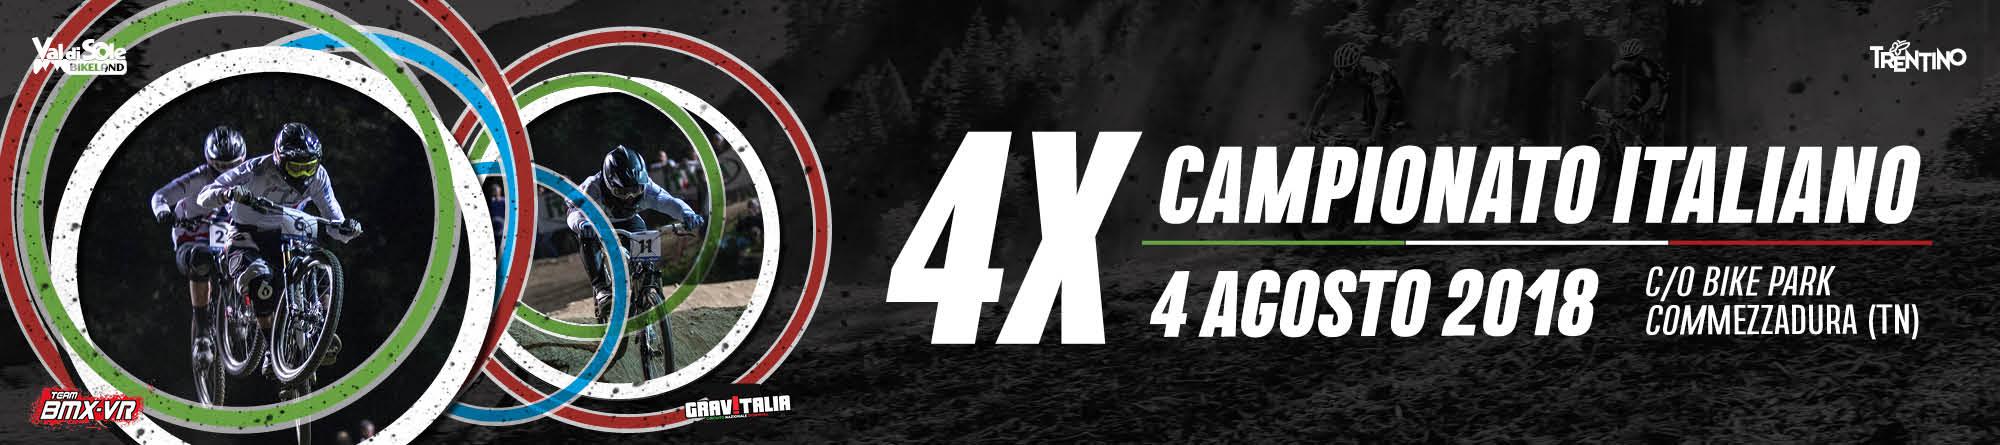 Campionato Italiano 4x 2018